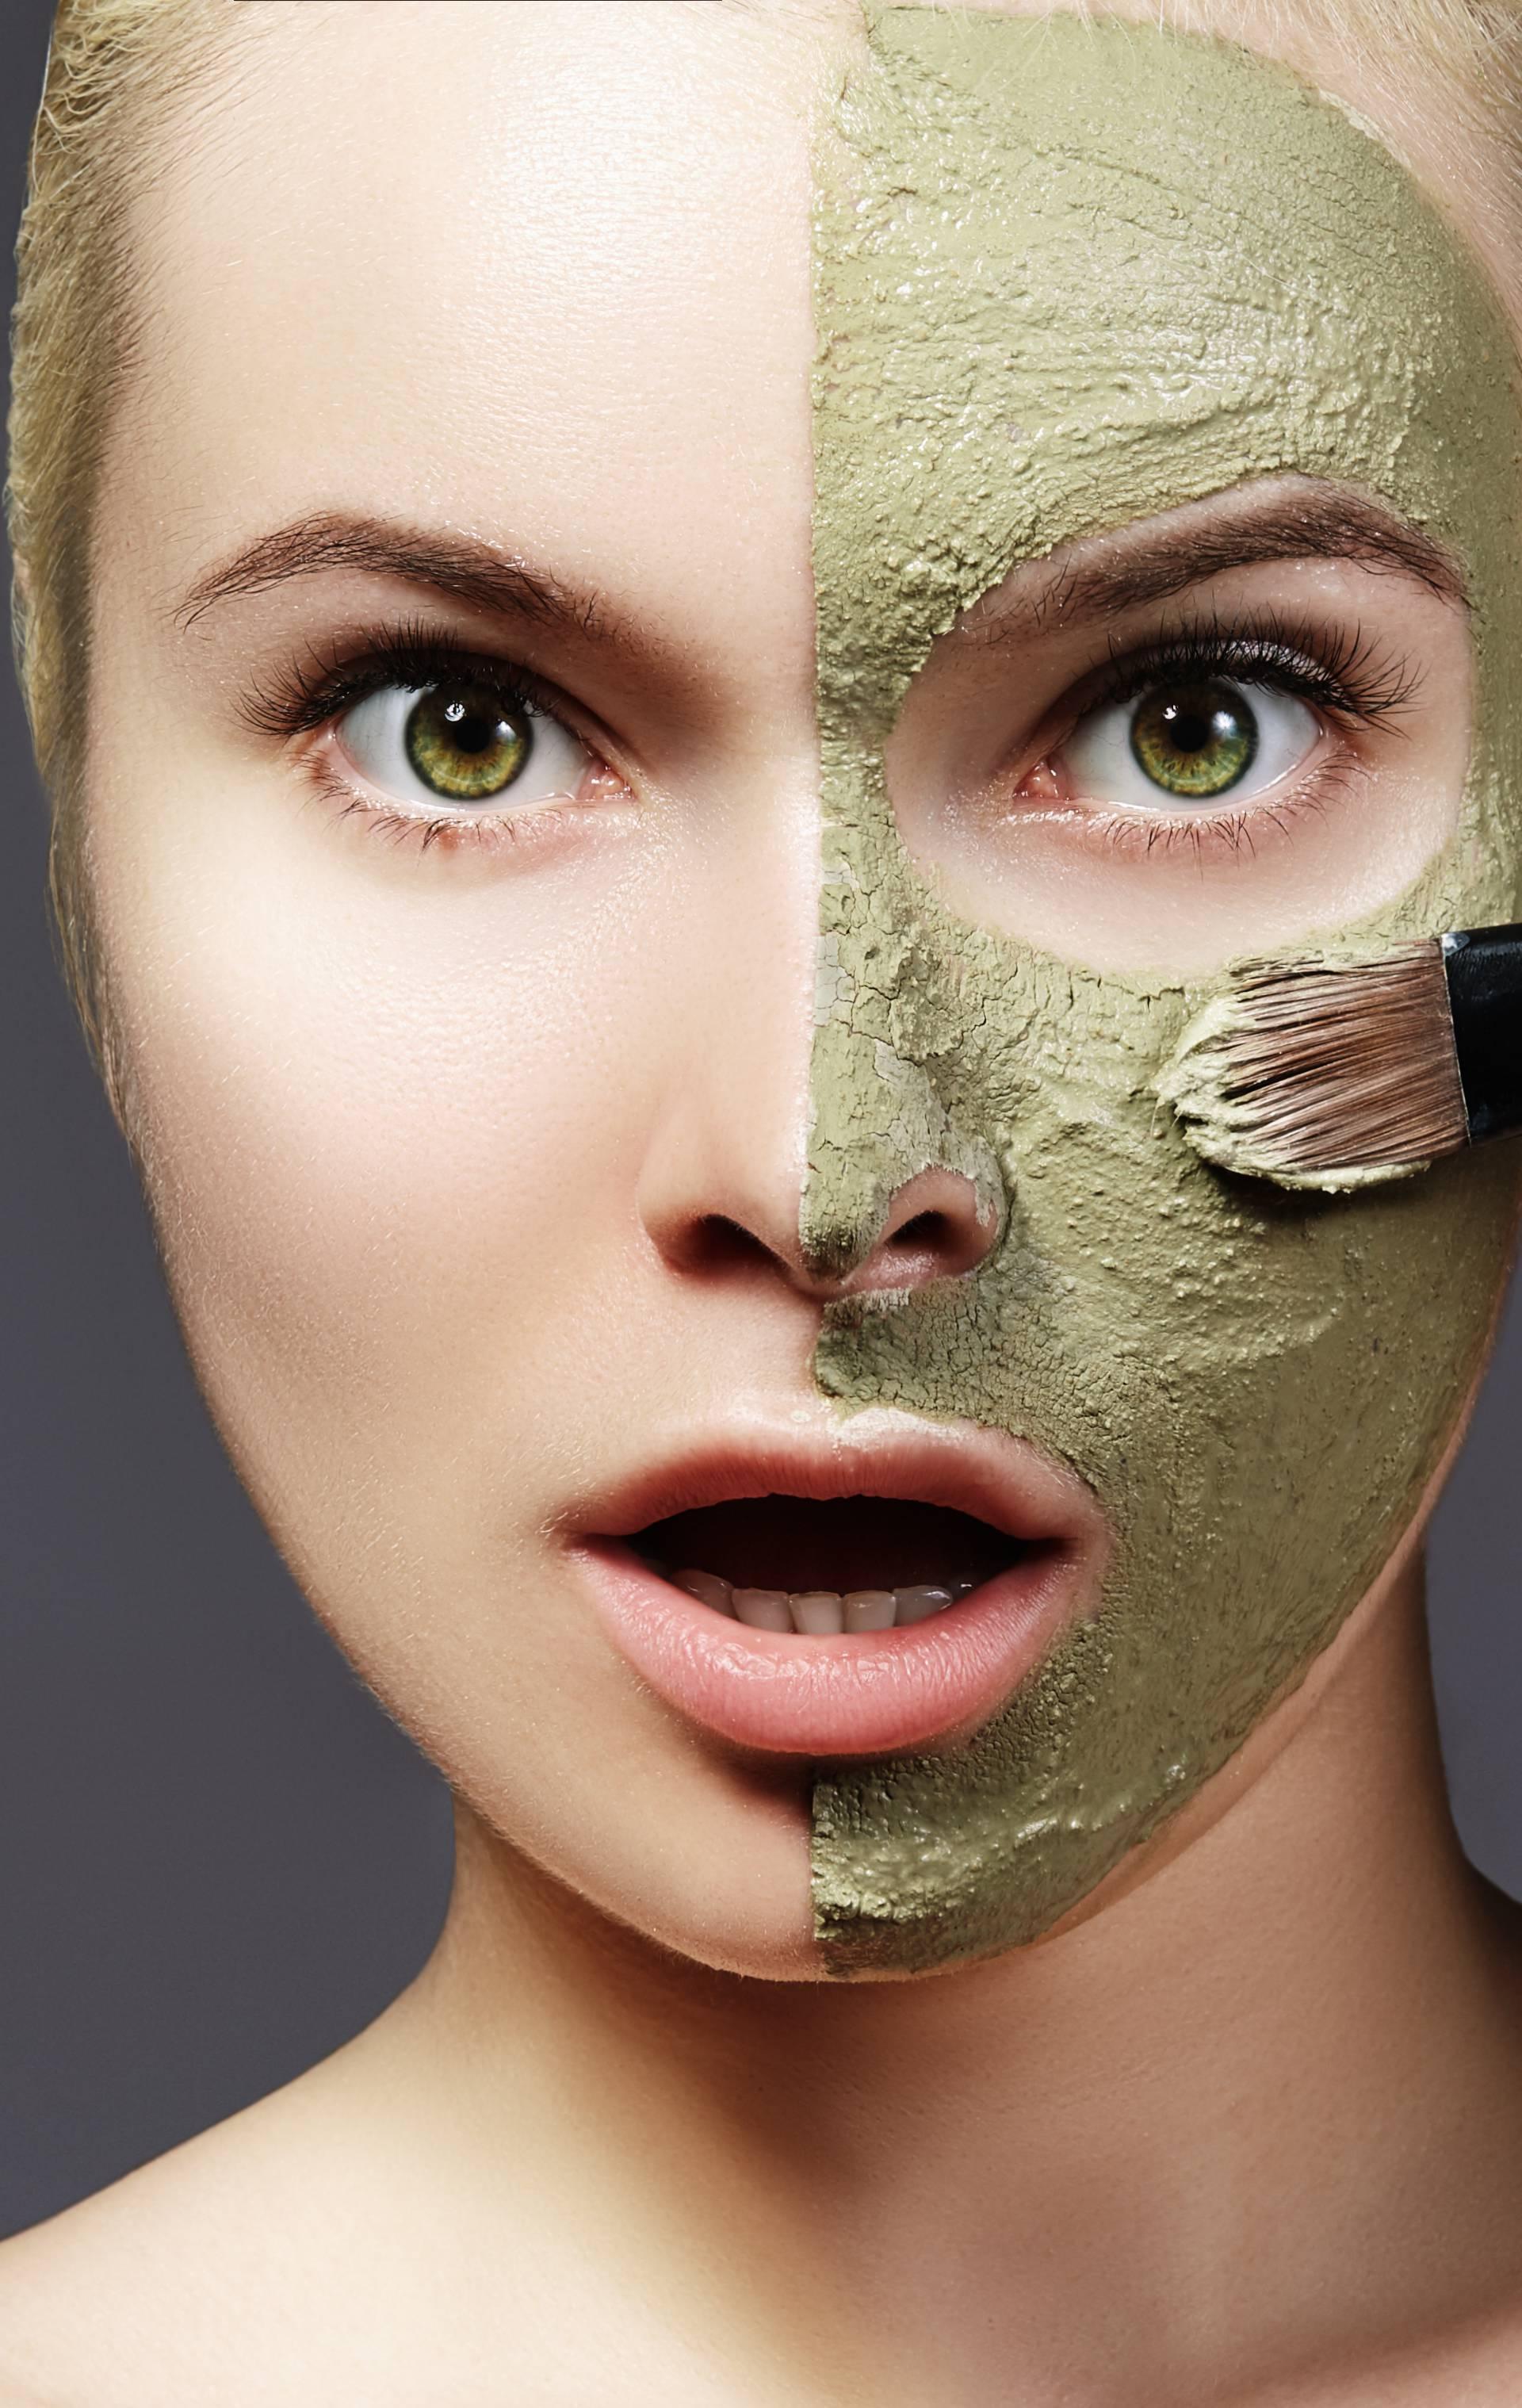 Kožu često i nenamjerno loše tretiramo: 12 najčešćih greški